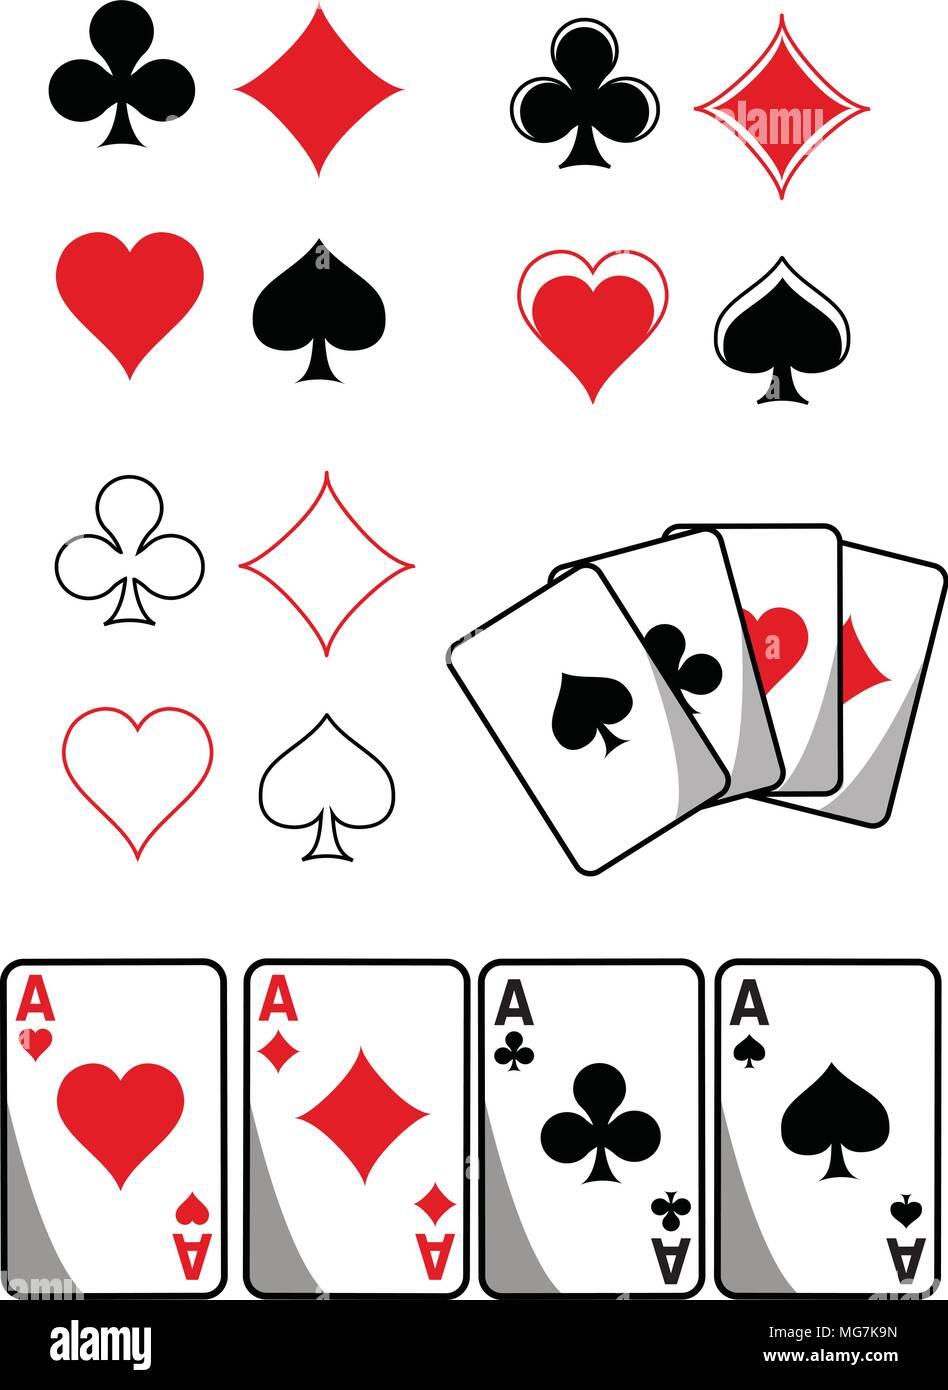 Combinaisons de cartes SVG, les fichiers SVG, Diamond, Cœur, pique, Club, clip art, couper fichier, Silhouette Cameo, Cricut, ScanNCut SVG, cartes à jouer Photo Stock